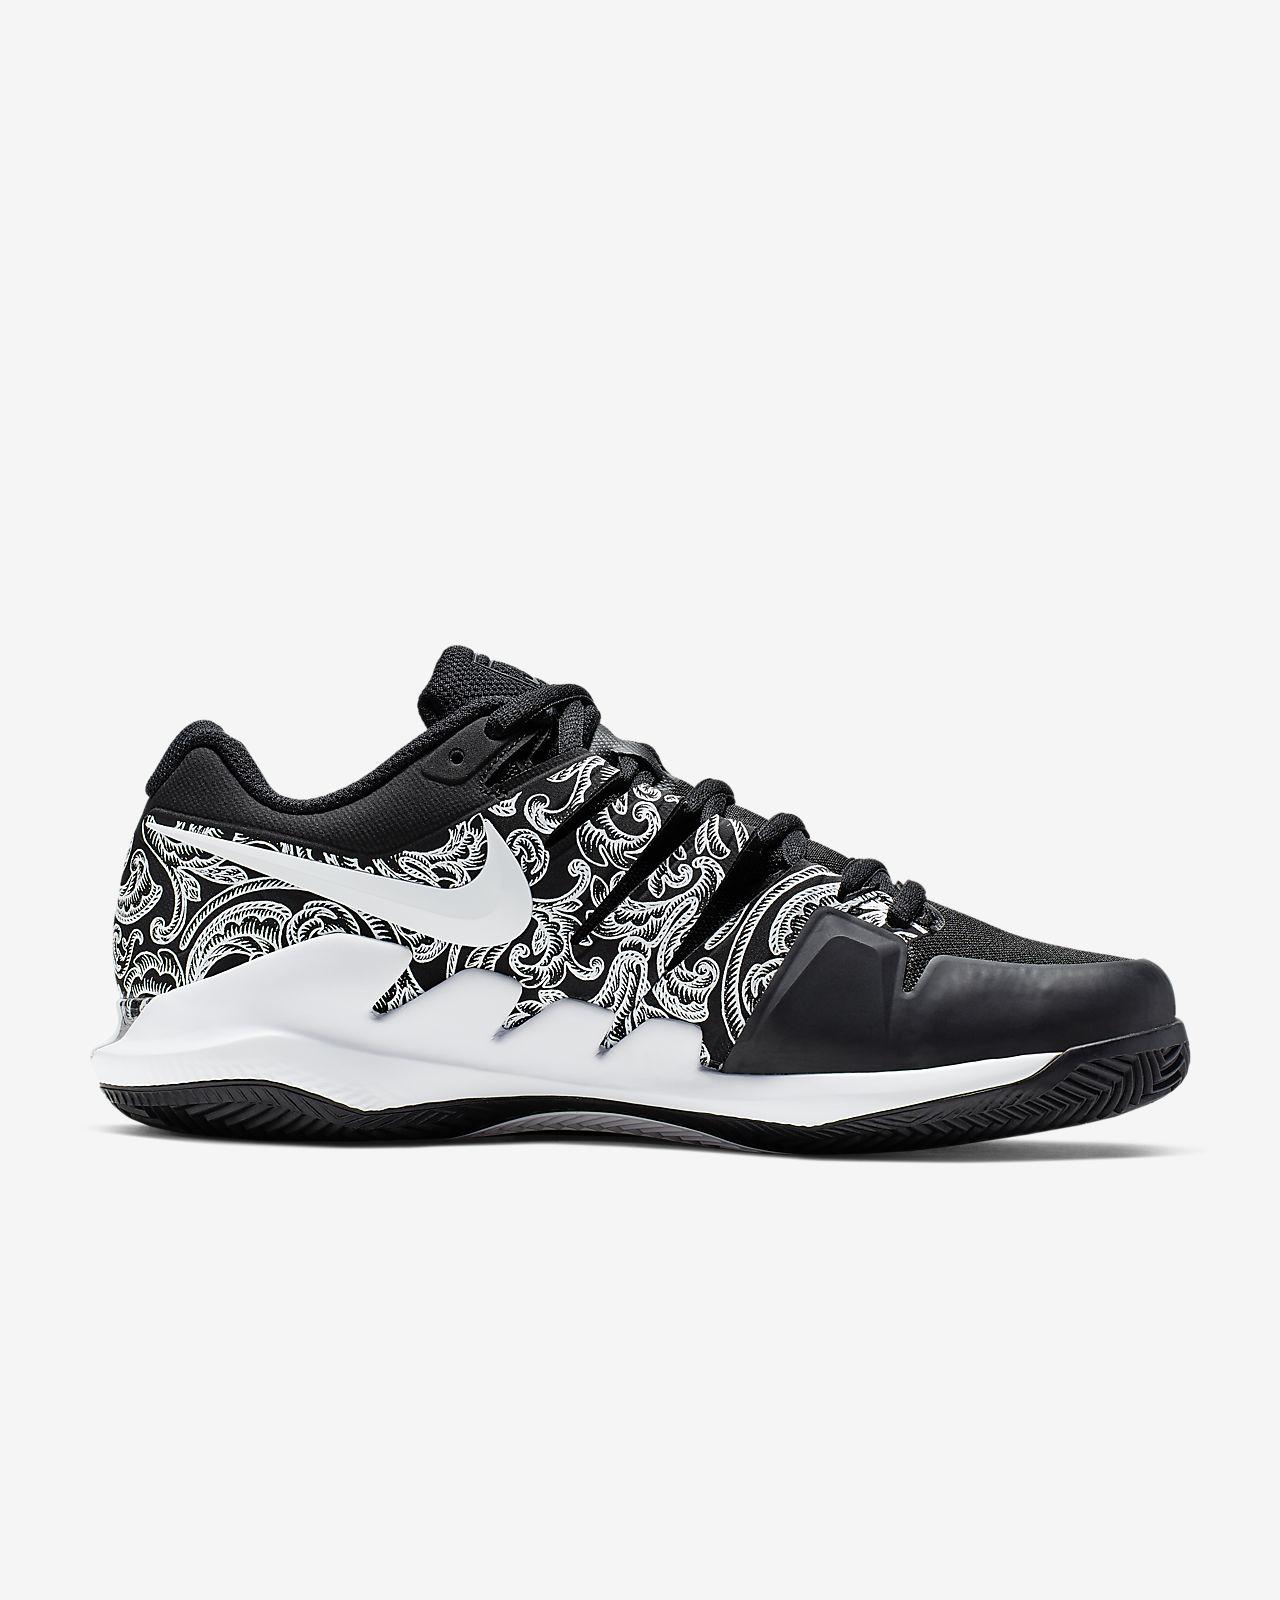 67dd9e3ecf65f Nike Air Zoom Vapor X Clay Women s Tennis Shoe. Nike.com CA